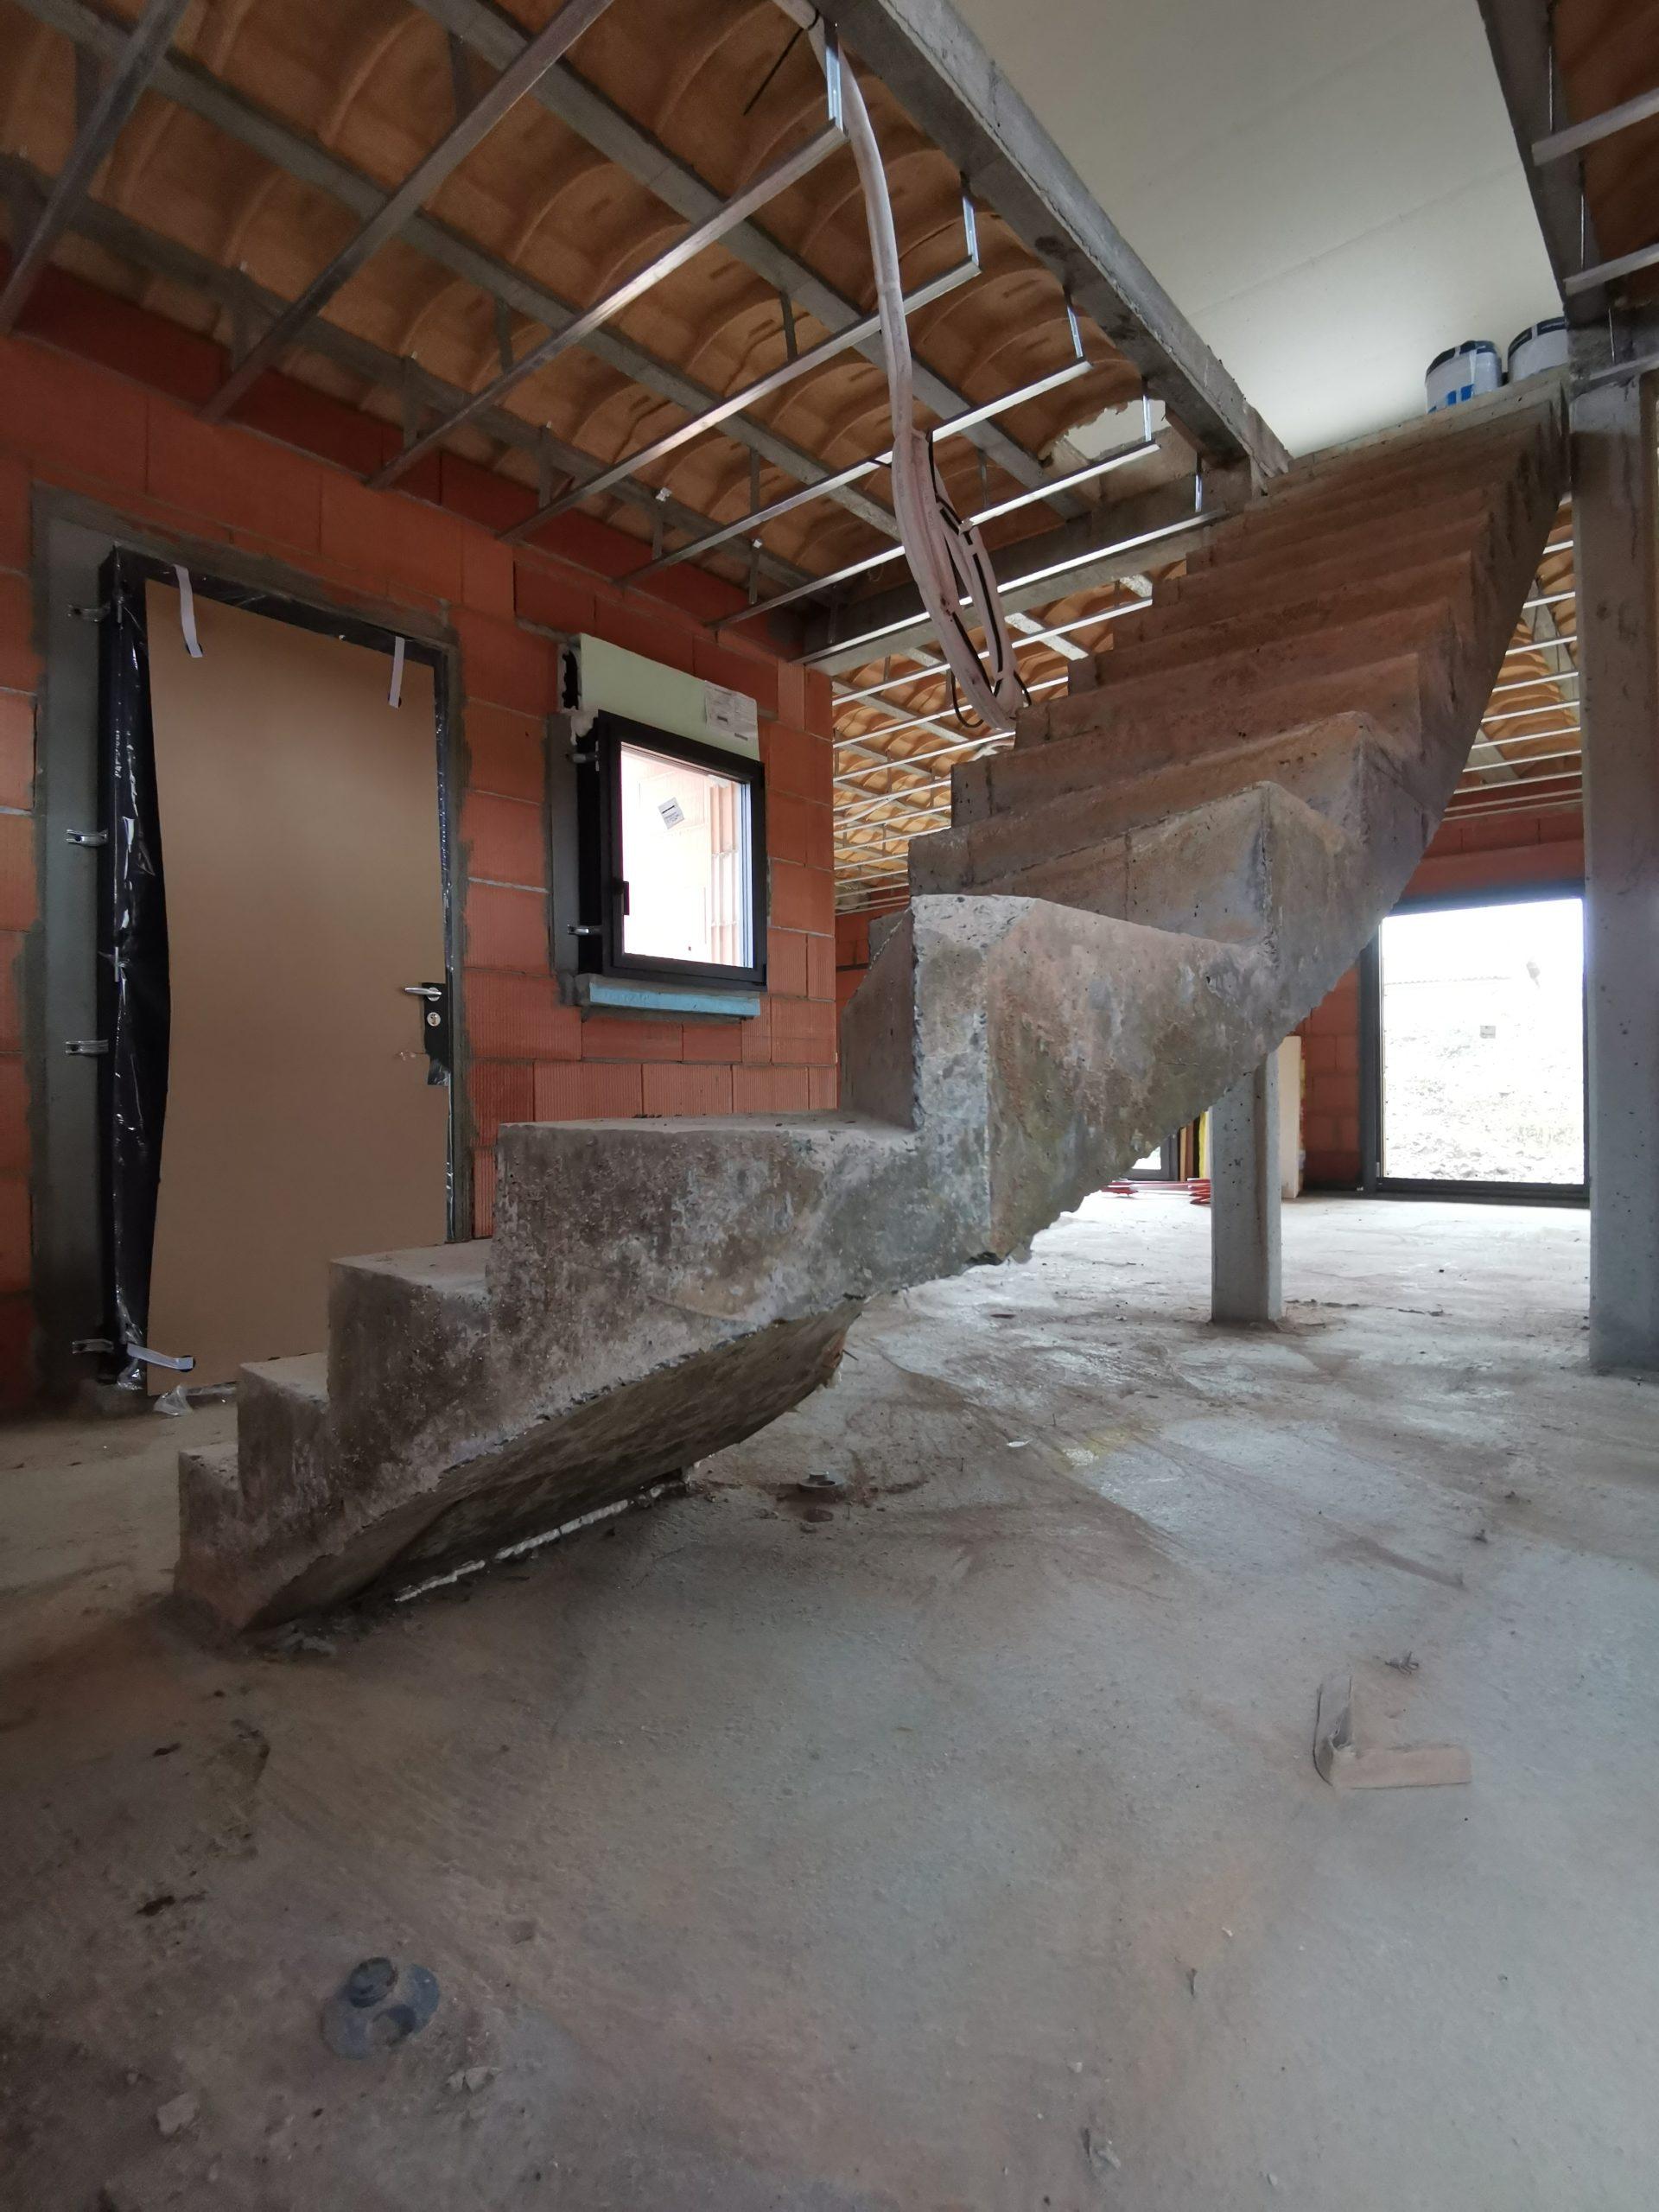 Quart tournant de l'escalier béton suspendu avec une trémie rectangulaire